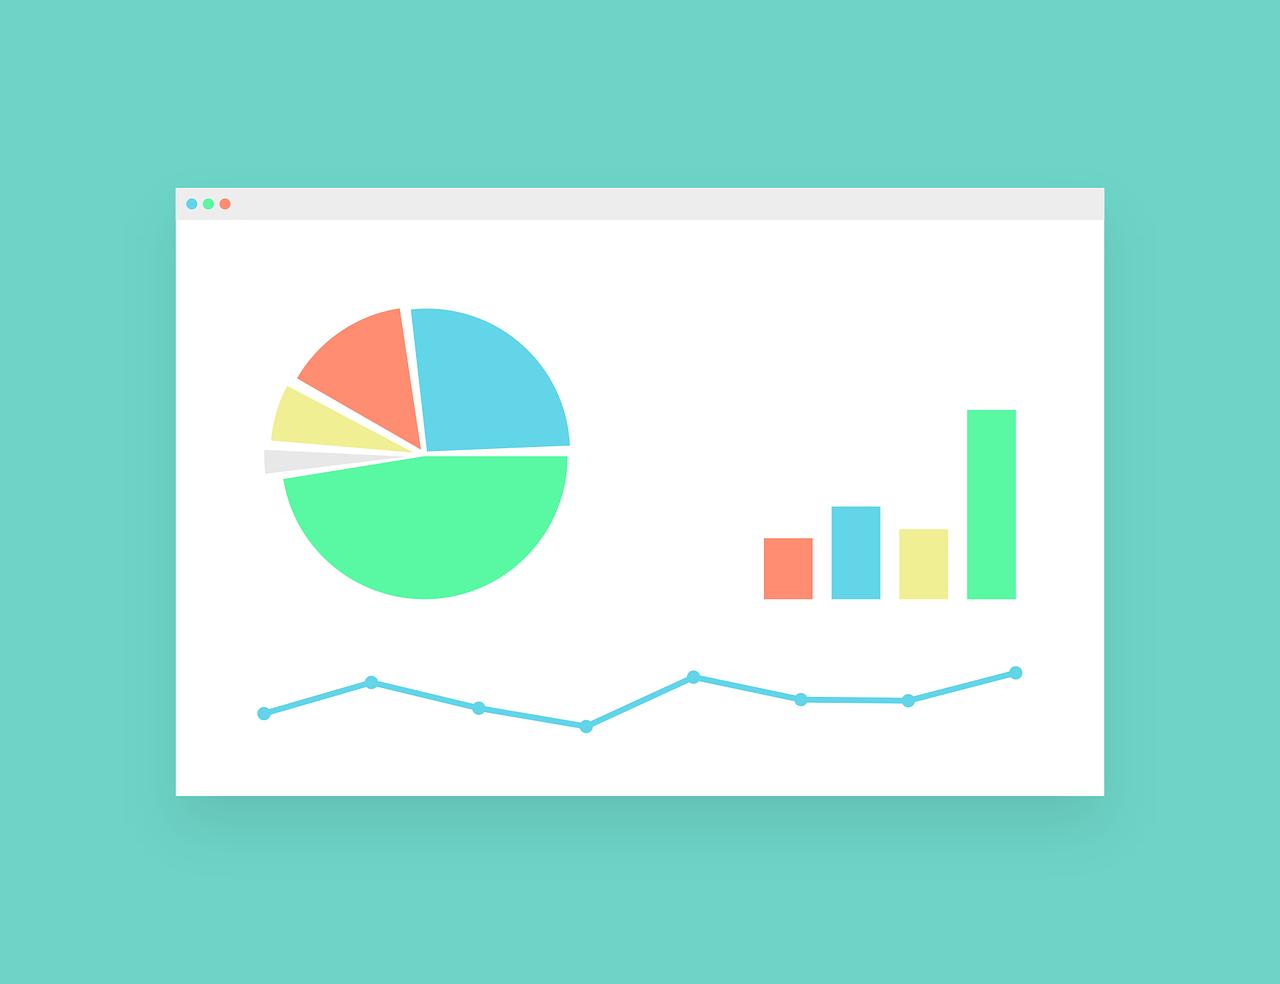 zlepšení statistik designem